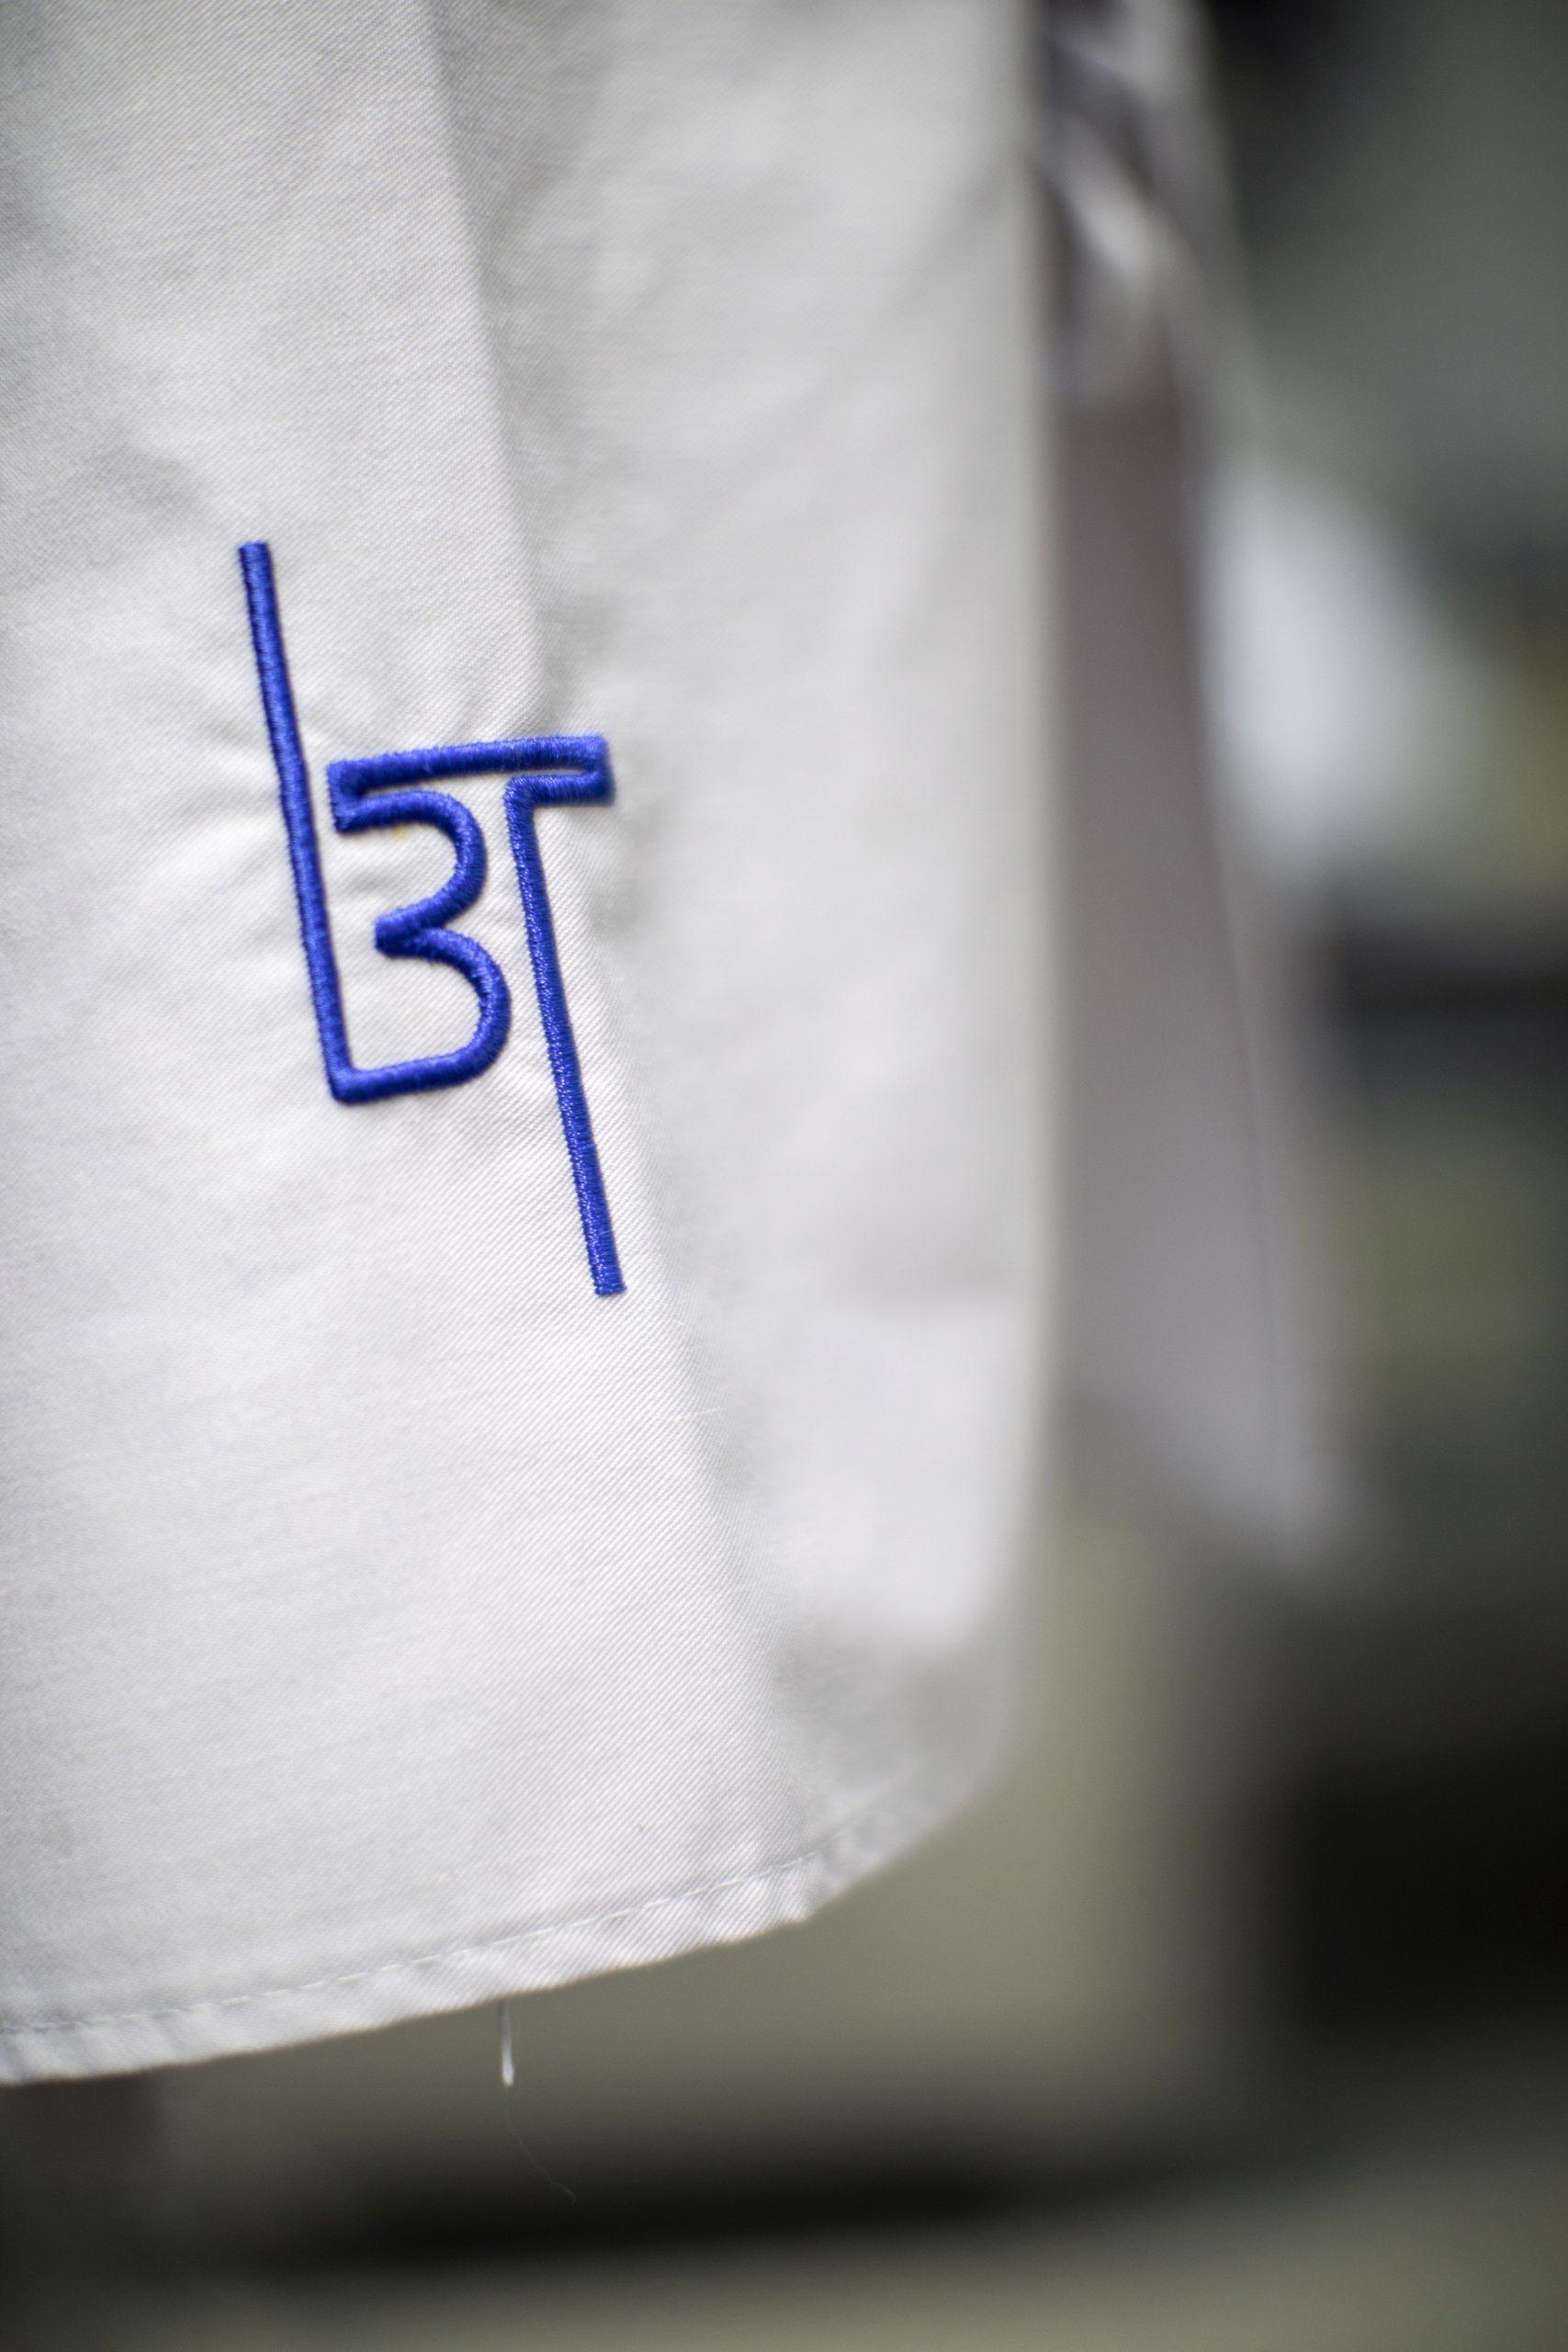 Het monogram van Tol op de kleding, blauw getint